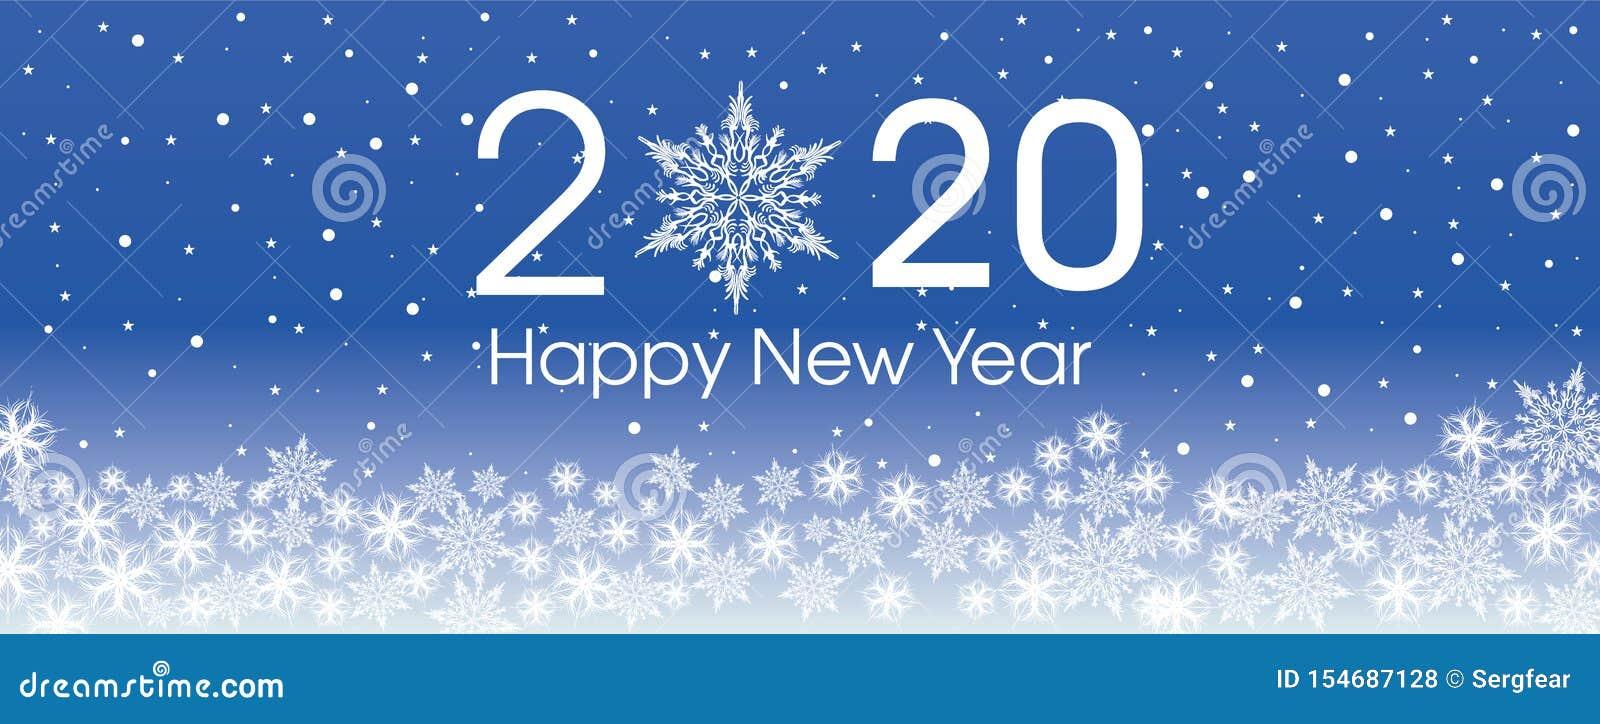 2020 Gelukkig Nieuwjaarskaartmalplaatje Ontwerp patern sneeuwvlokken